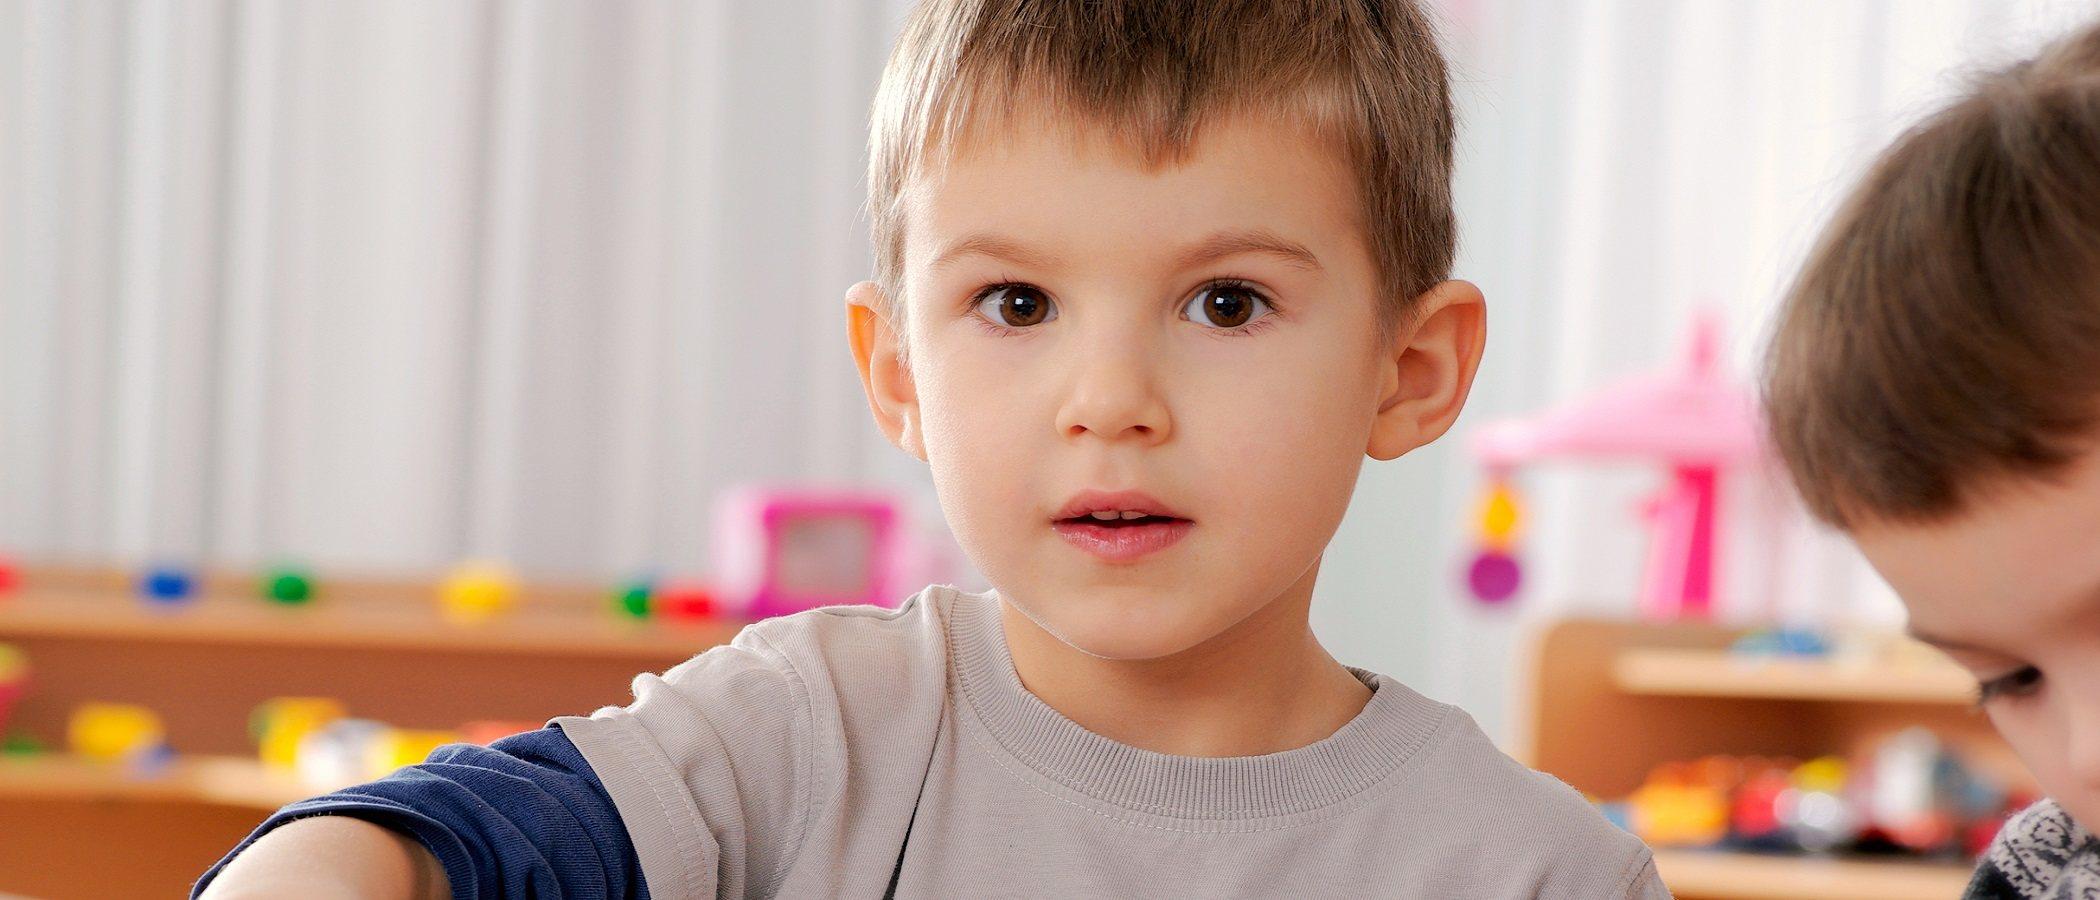 Hitos de comunicación en el desarrollo infantil de 0 a 5 años